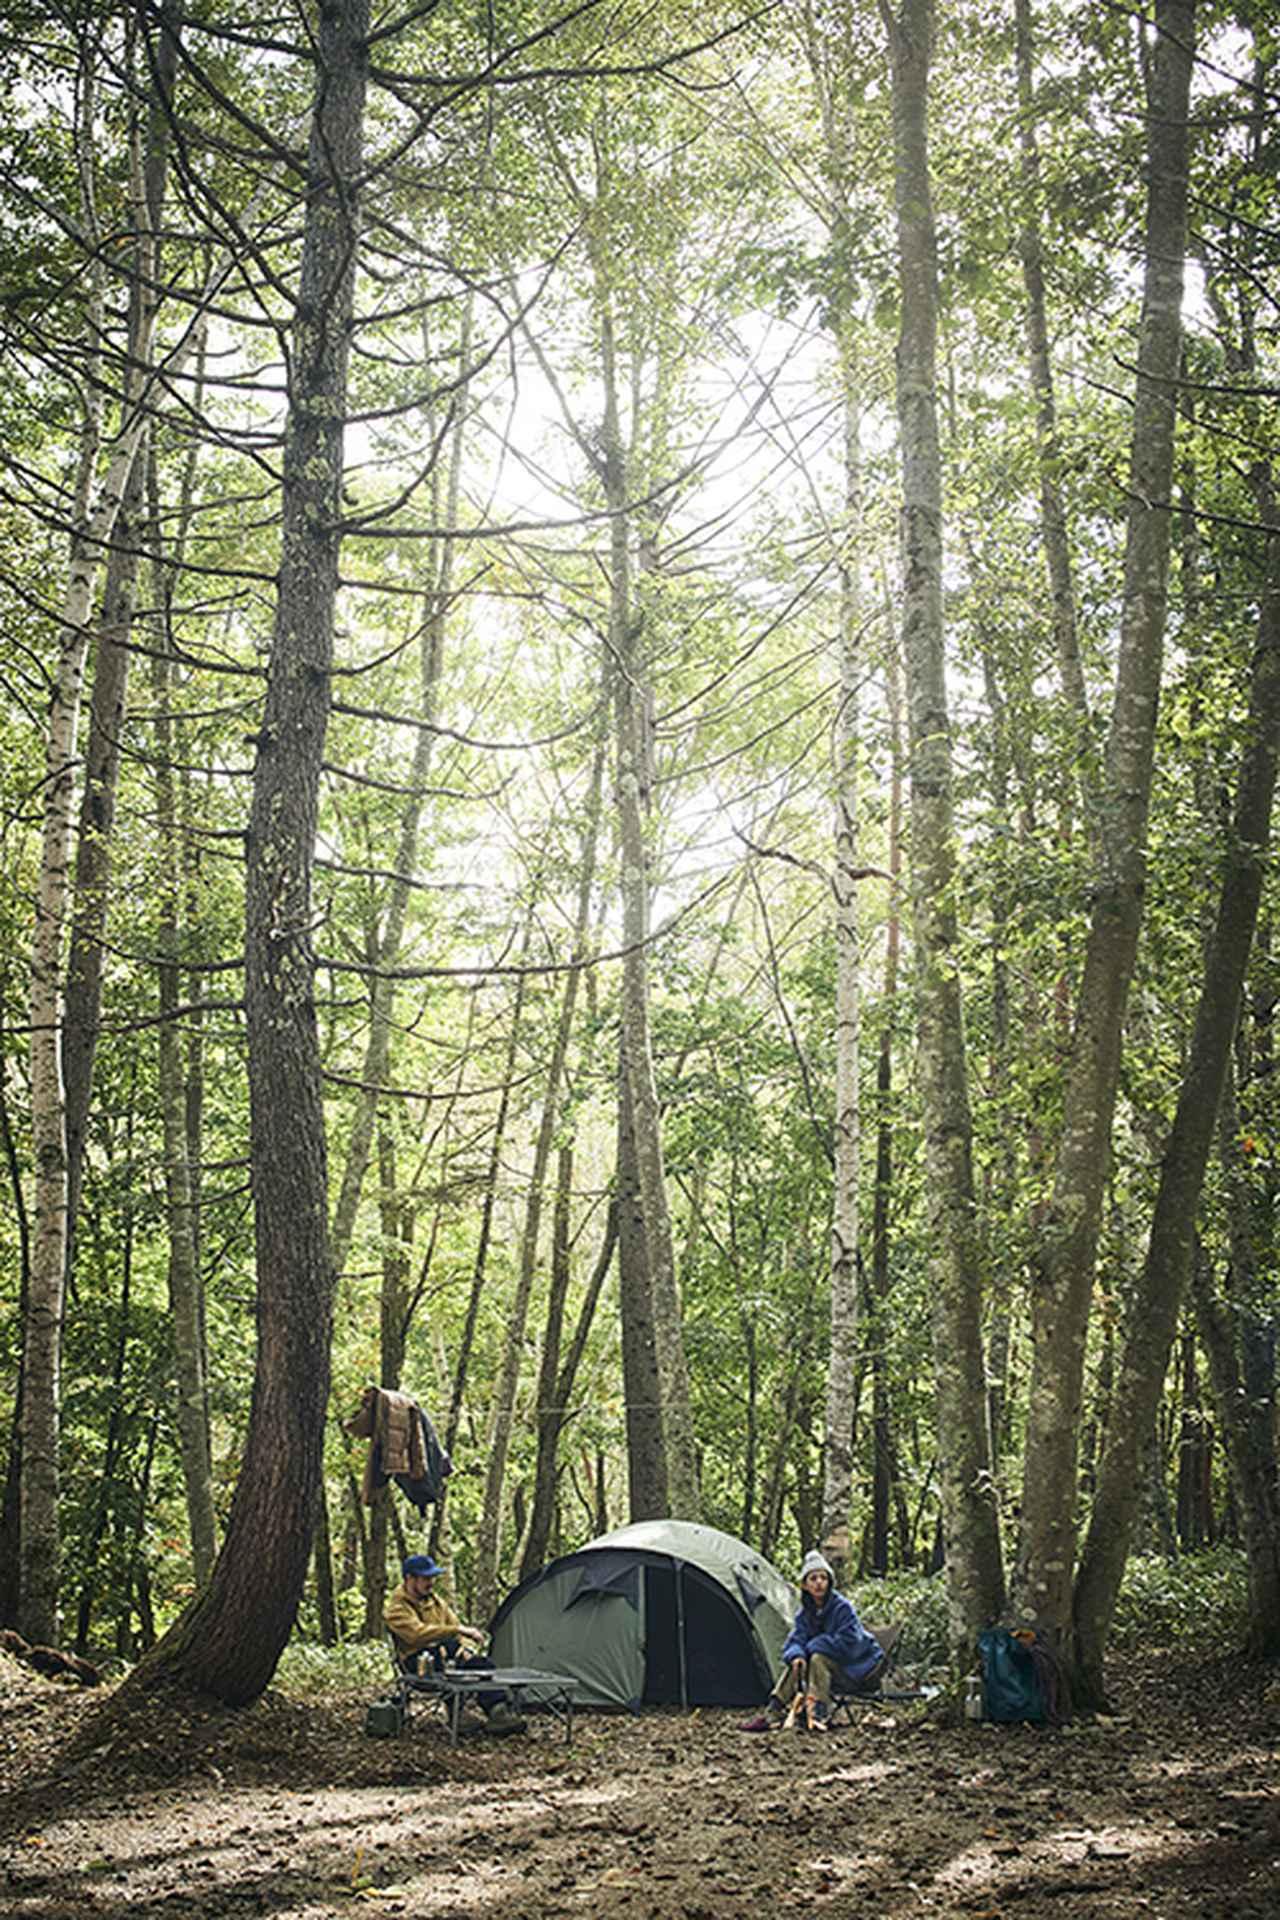 画像: Snugpak(スナグパック)が本気で作ったテント「CAVE(ケイブ)」は森に馴染む